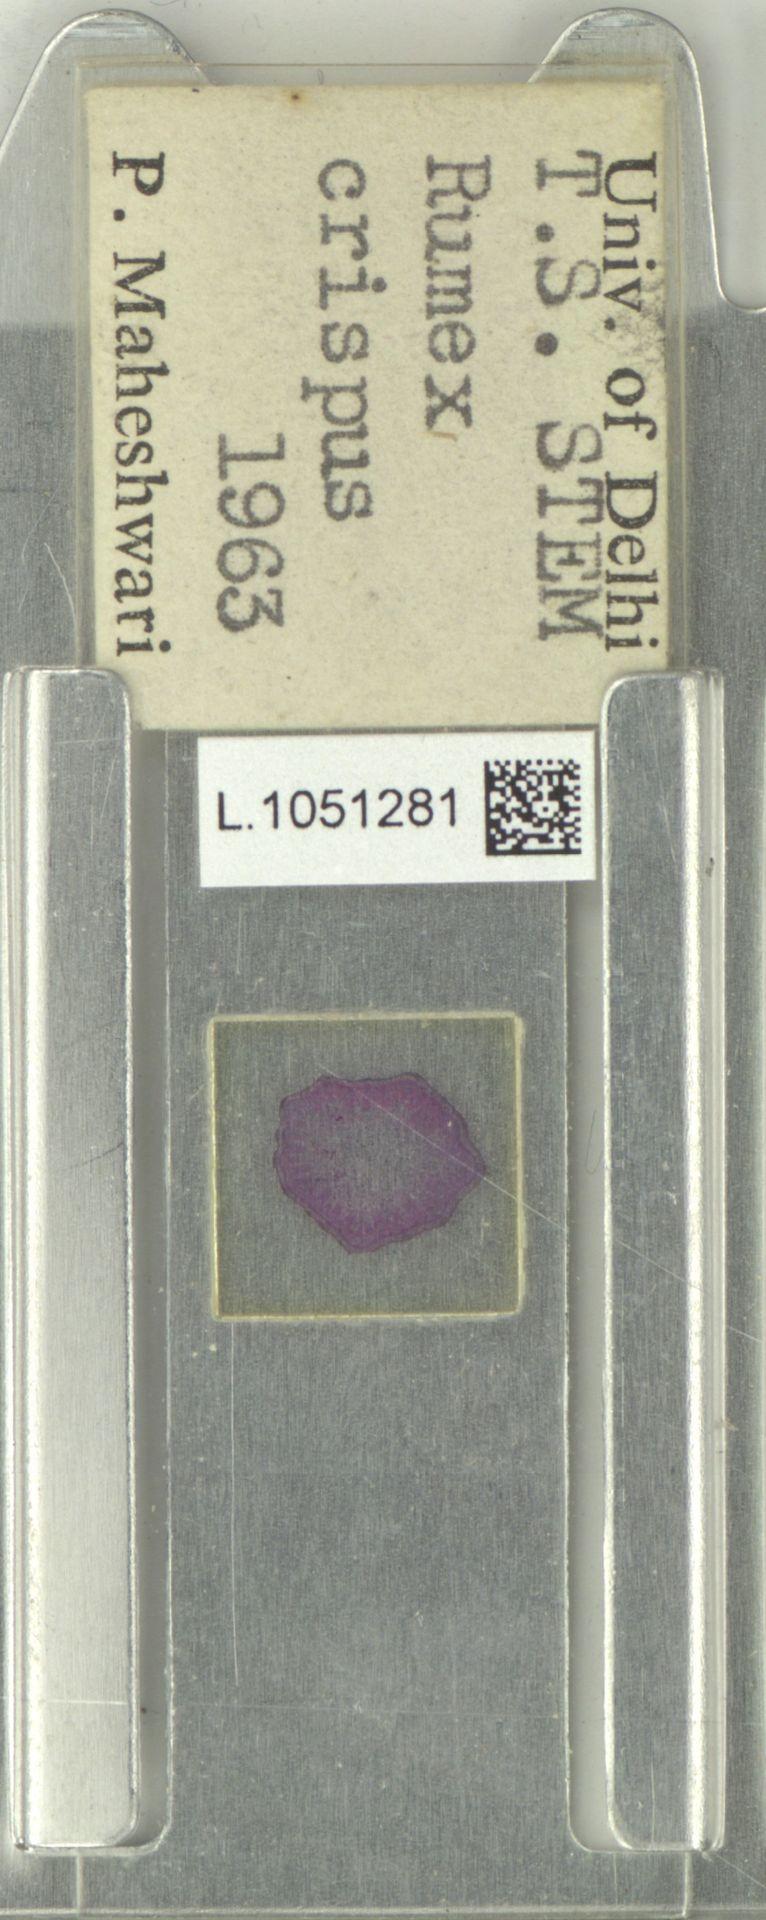 L.1051281 | Rumex crispus L.